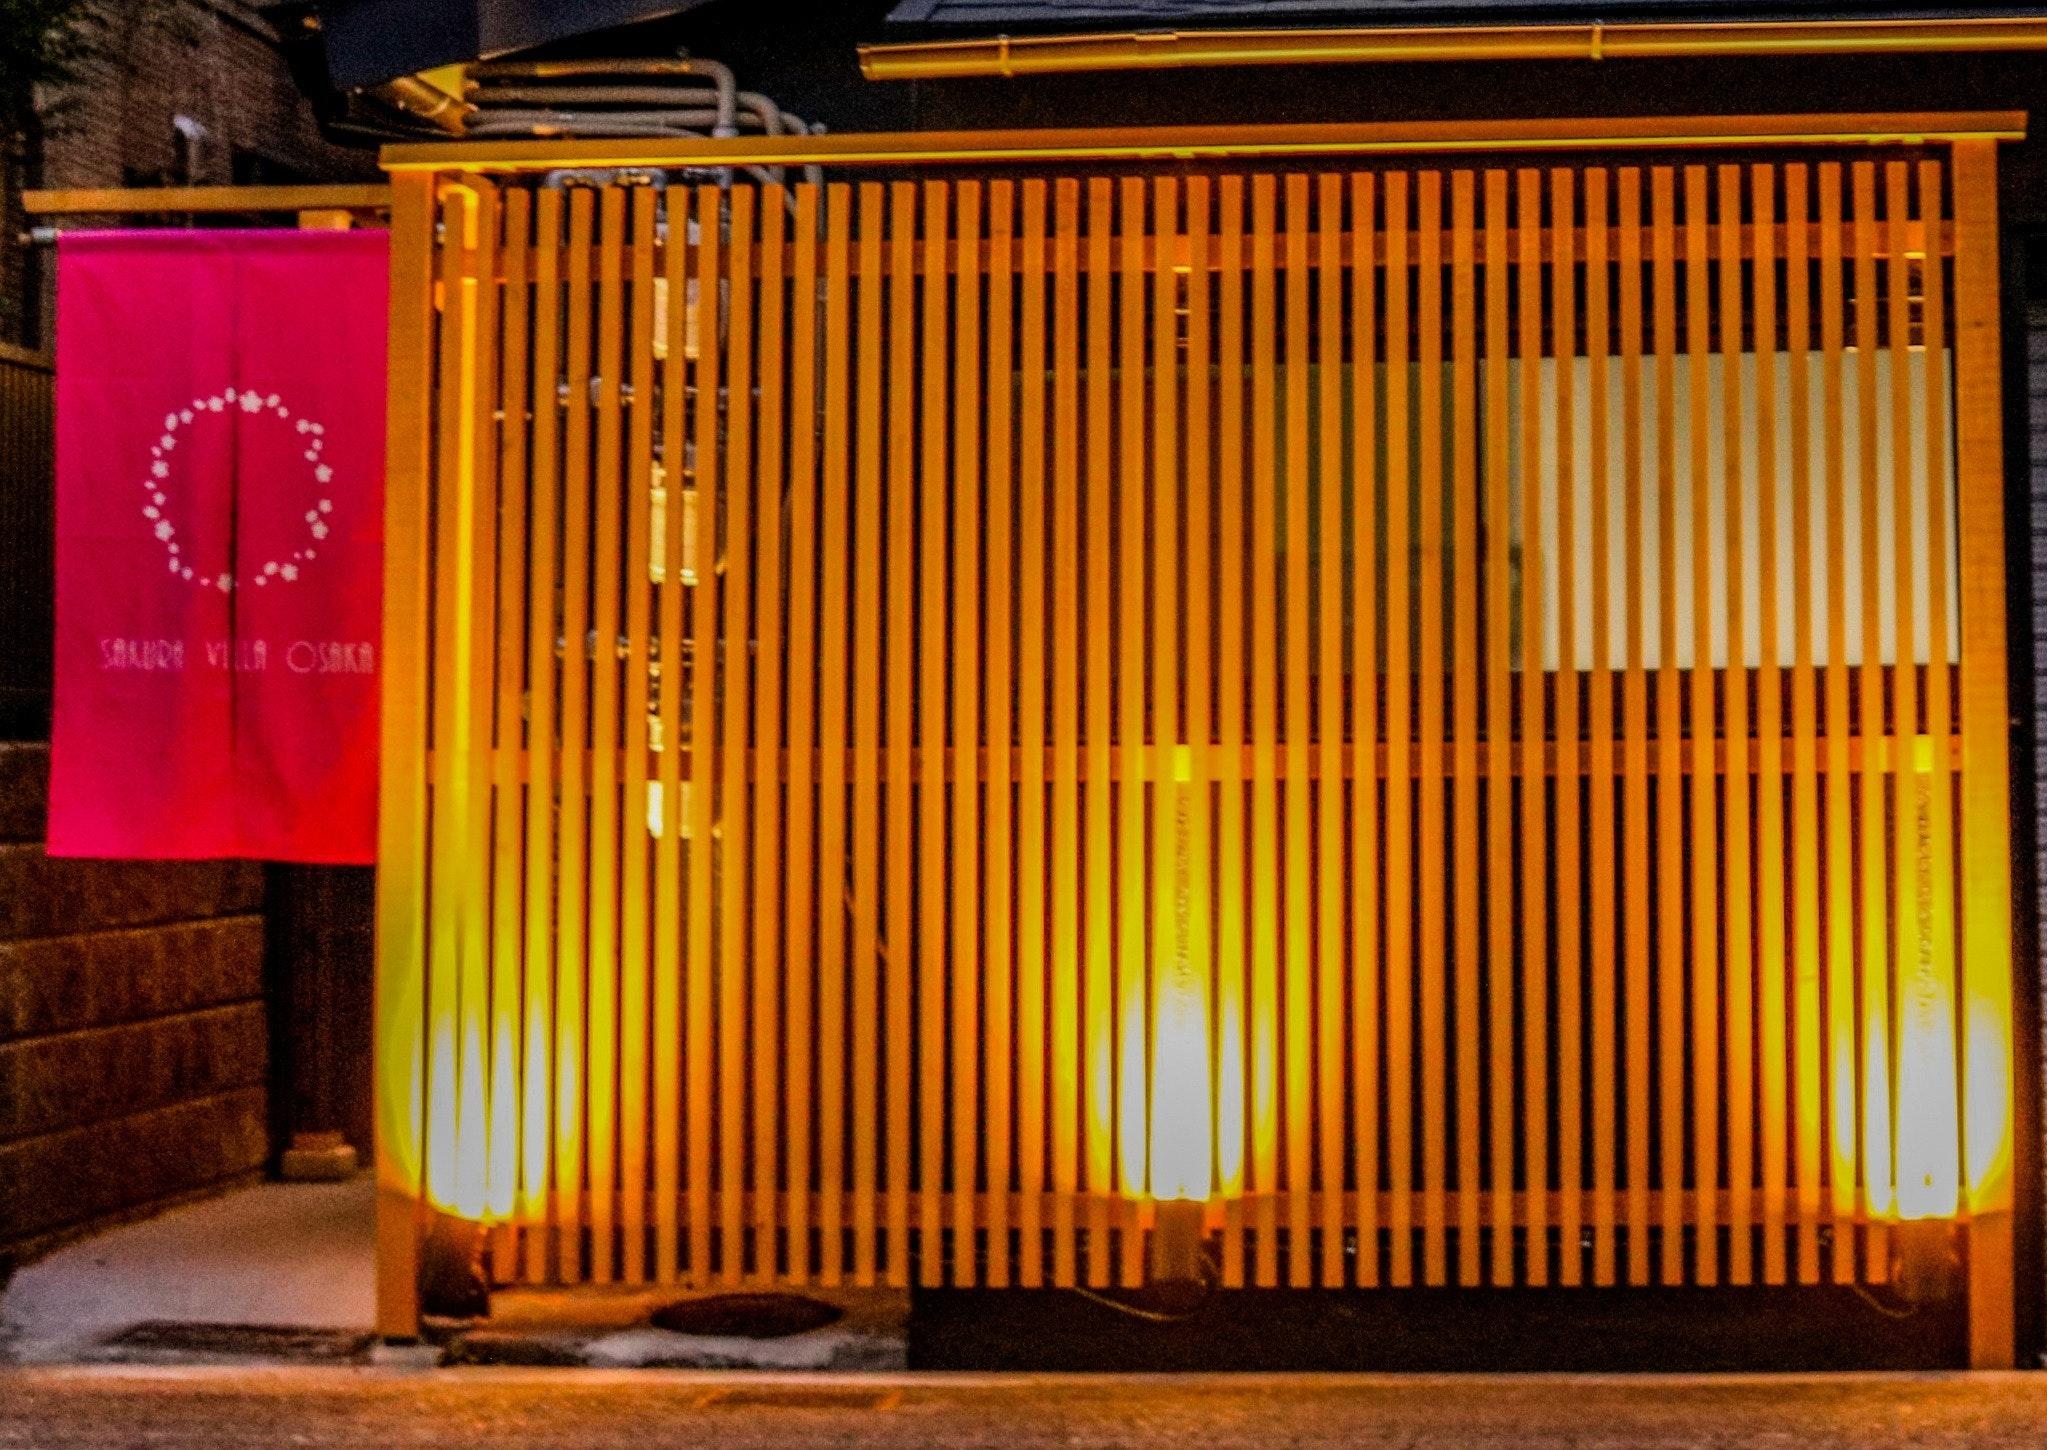 USJまで2駅 懐かしファミコンでスーパーマリオと過ごすお部屋 in Sakura Villa